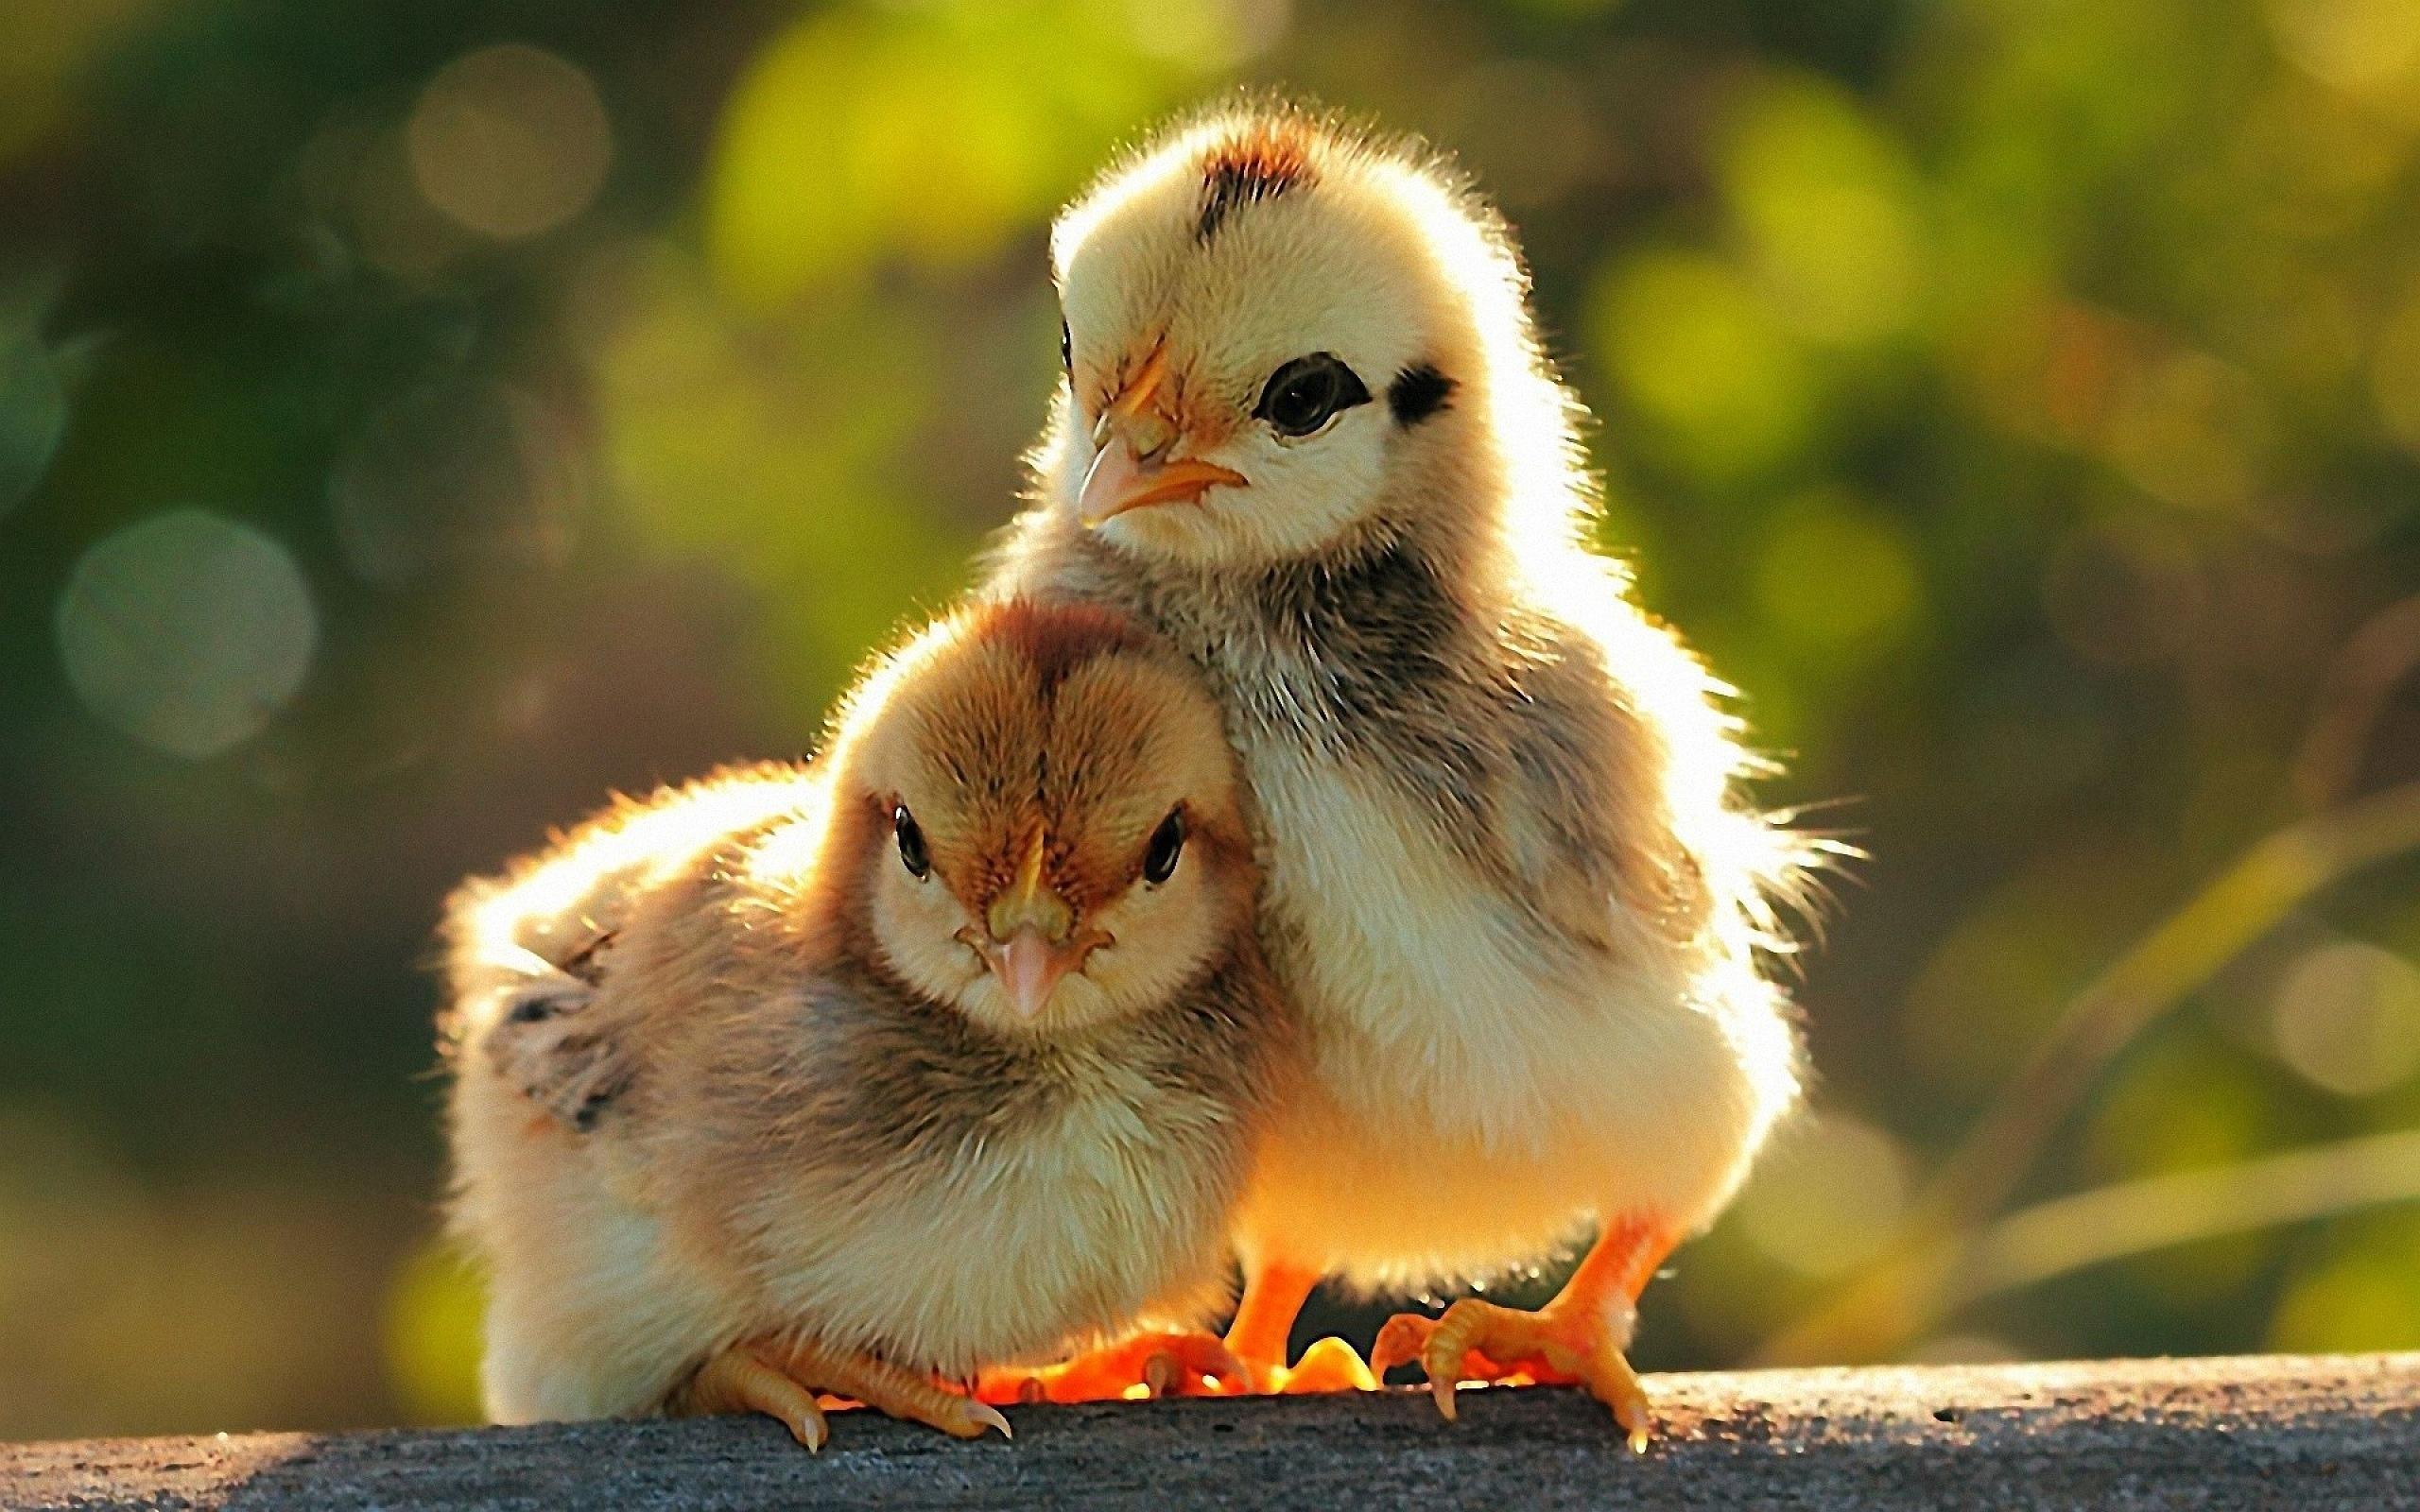 Hình ảnh về những chú gà dễ thương nhất